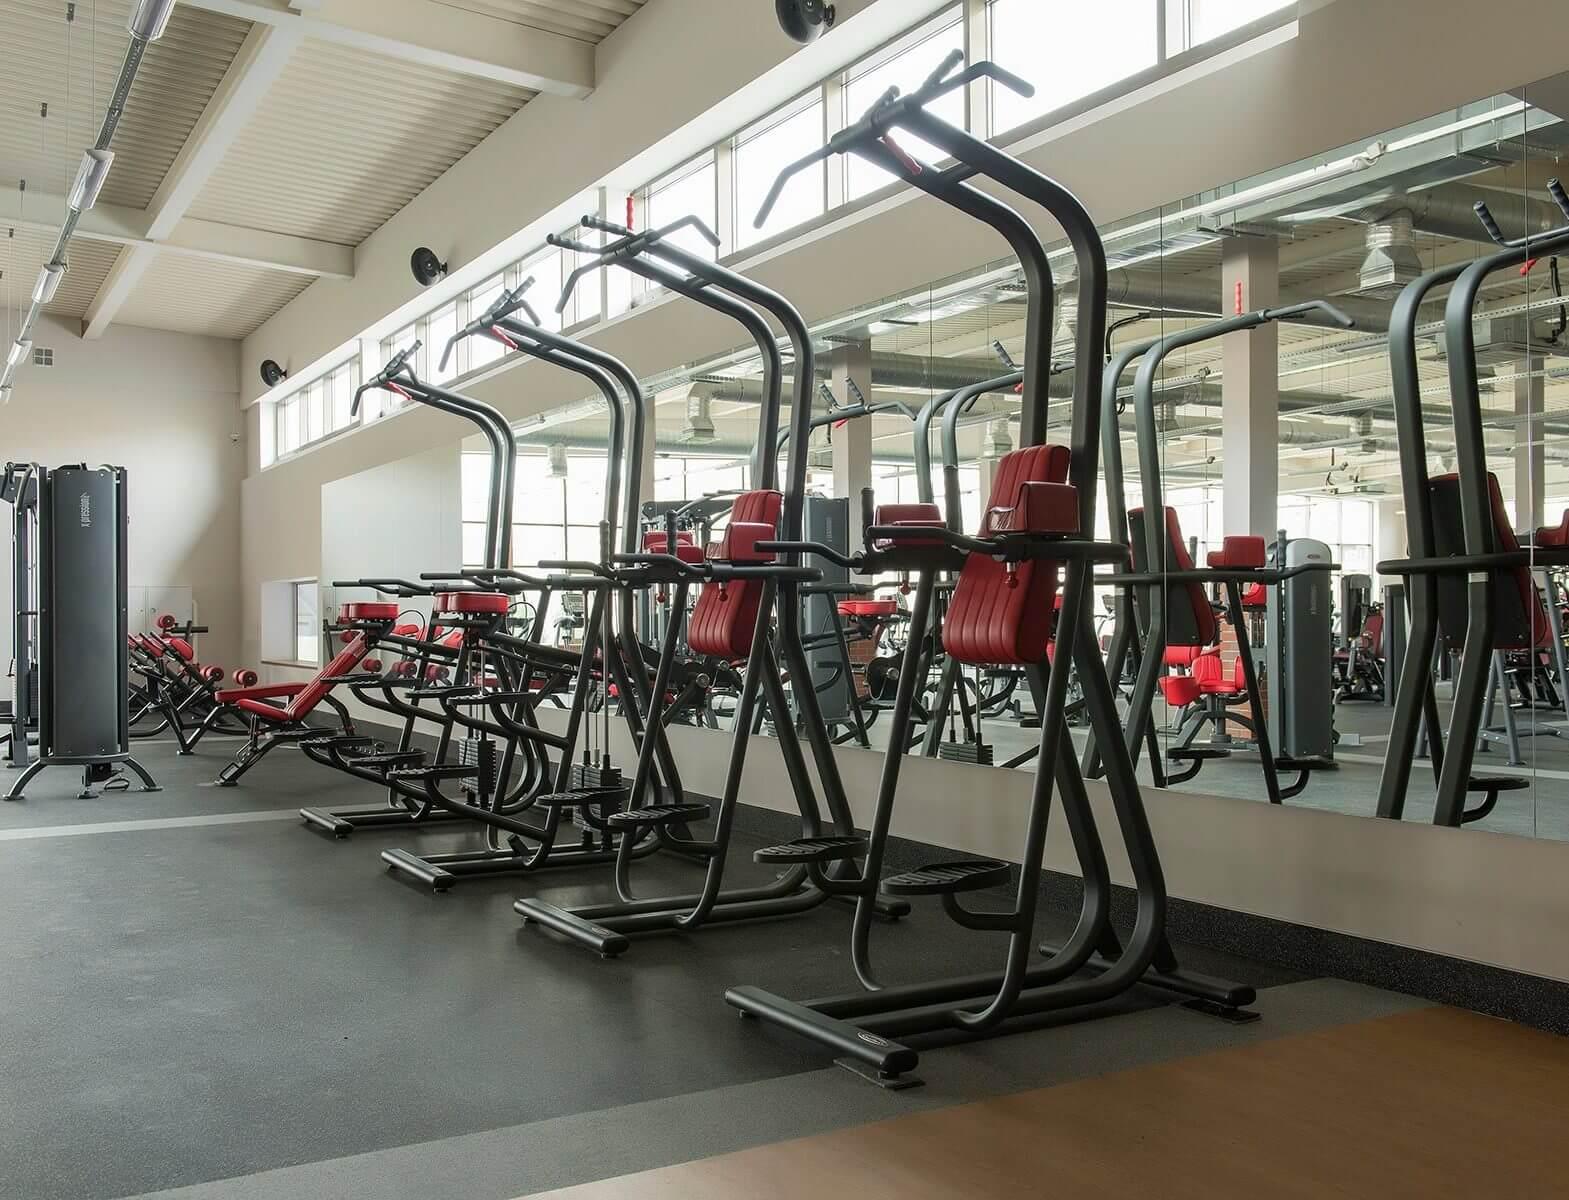 Galerie echipamente fitness 2014 - 3